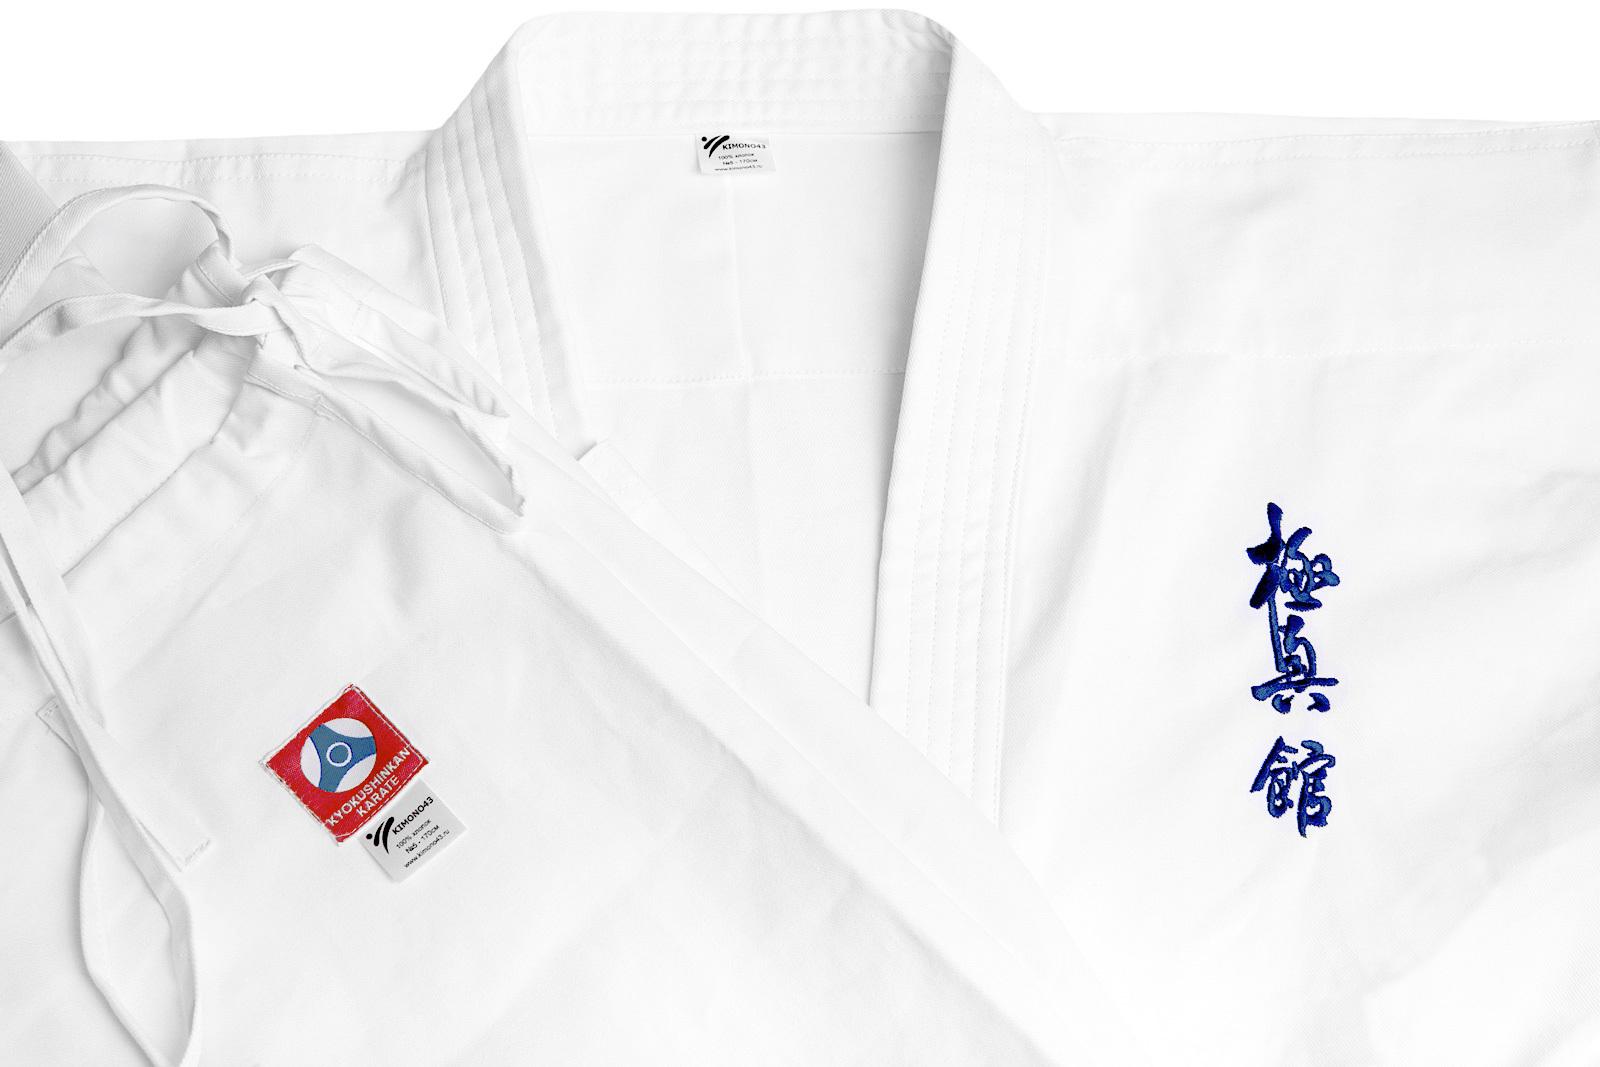 Кимоно / Доги Доги BFS -  KYOKUSHINKAN / Medium dogi_kyokushinkan_1.jpg